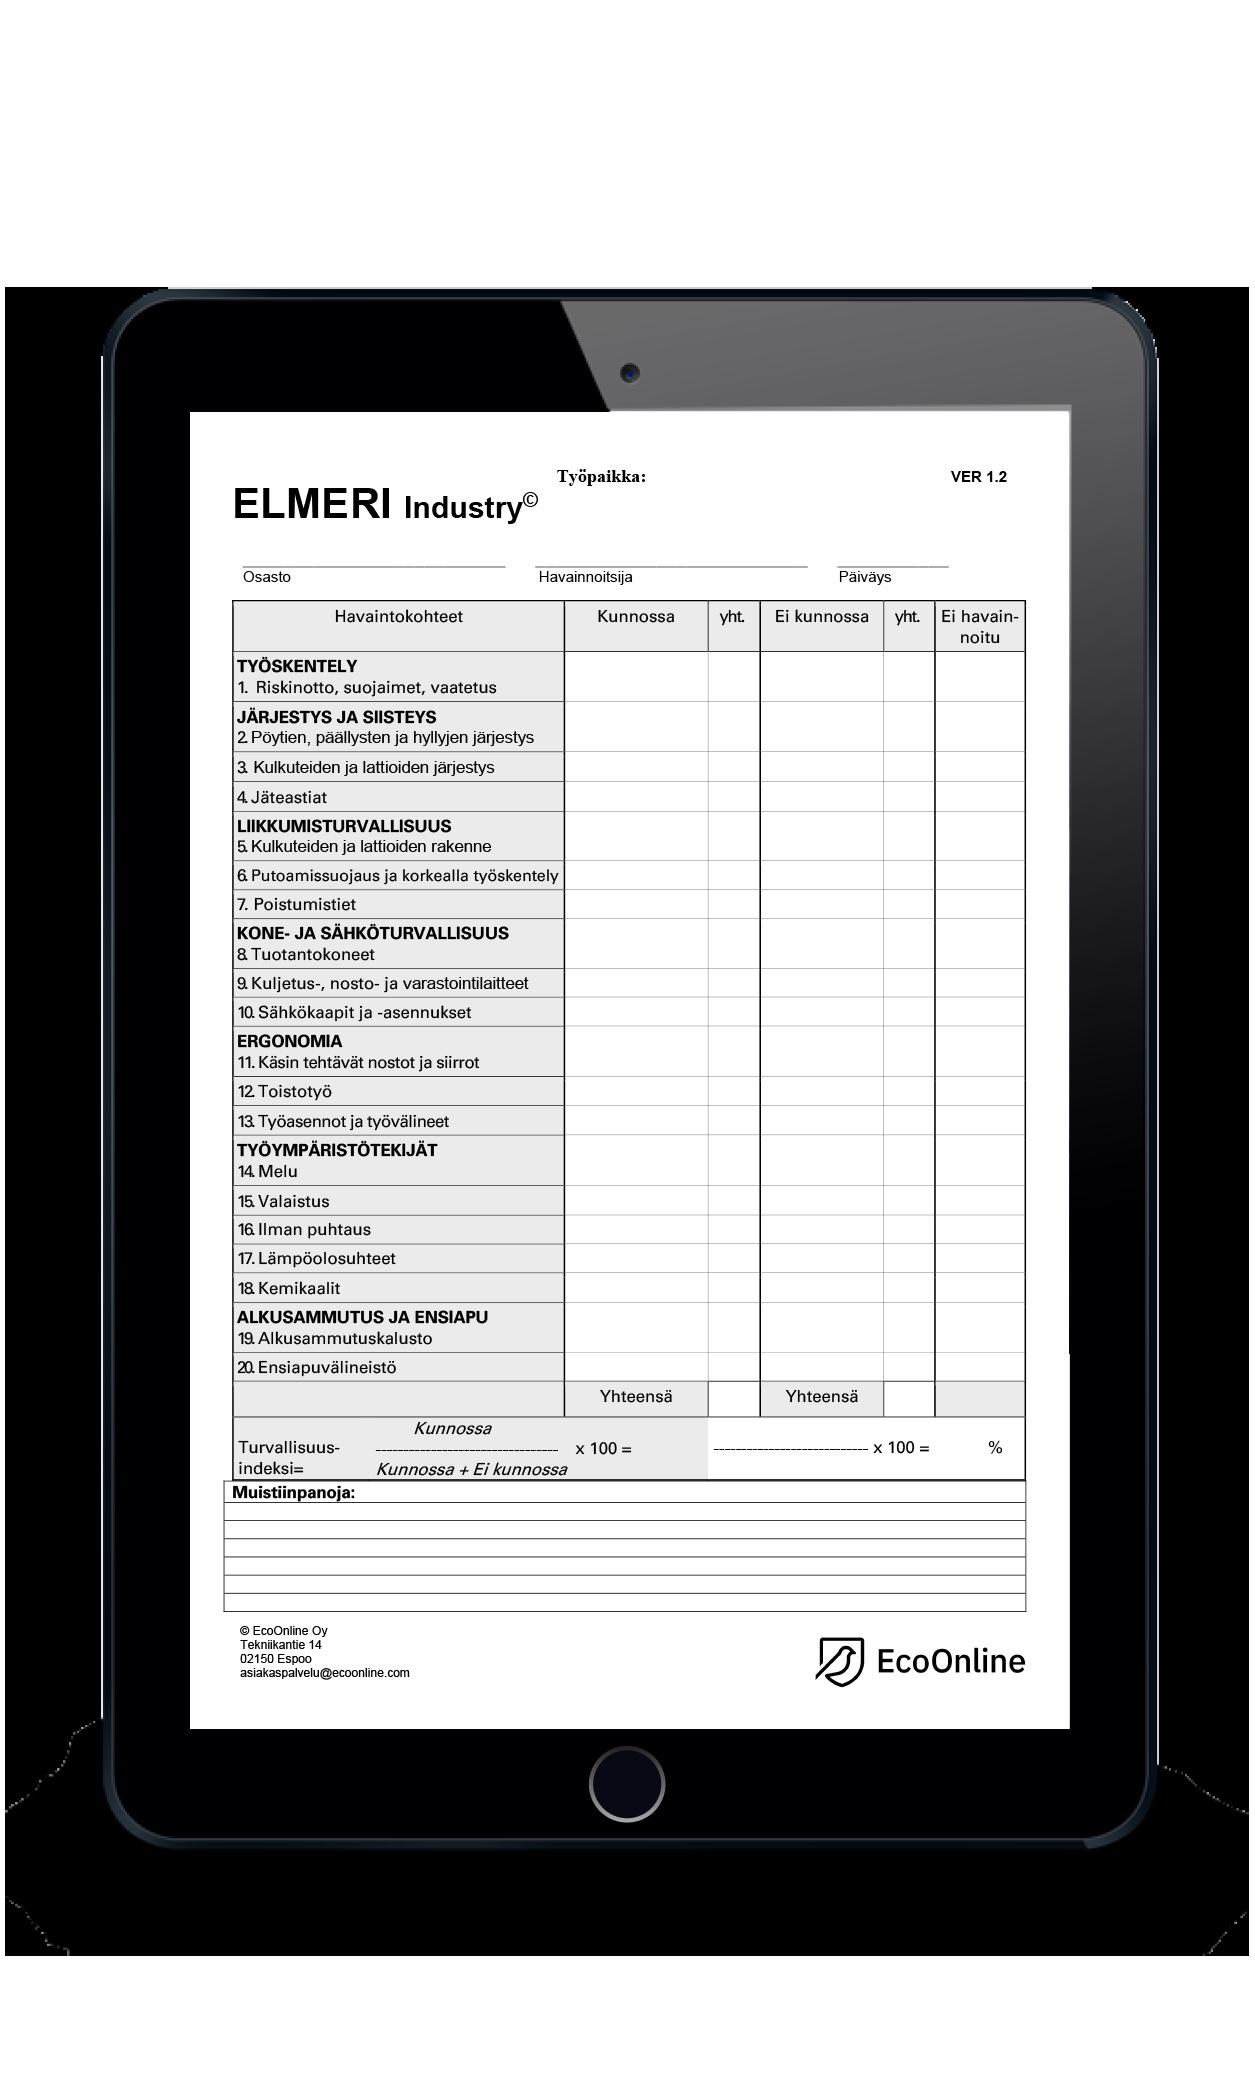 FI_Book-Covers_Elmeri